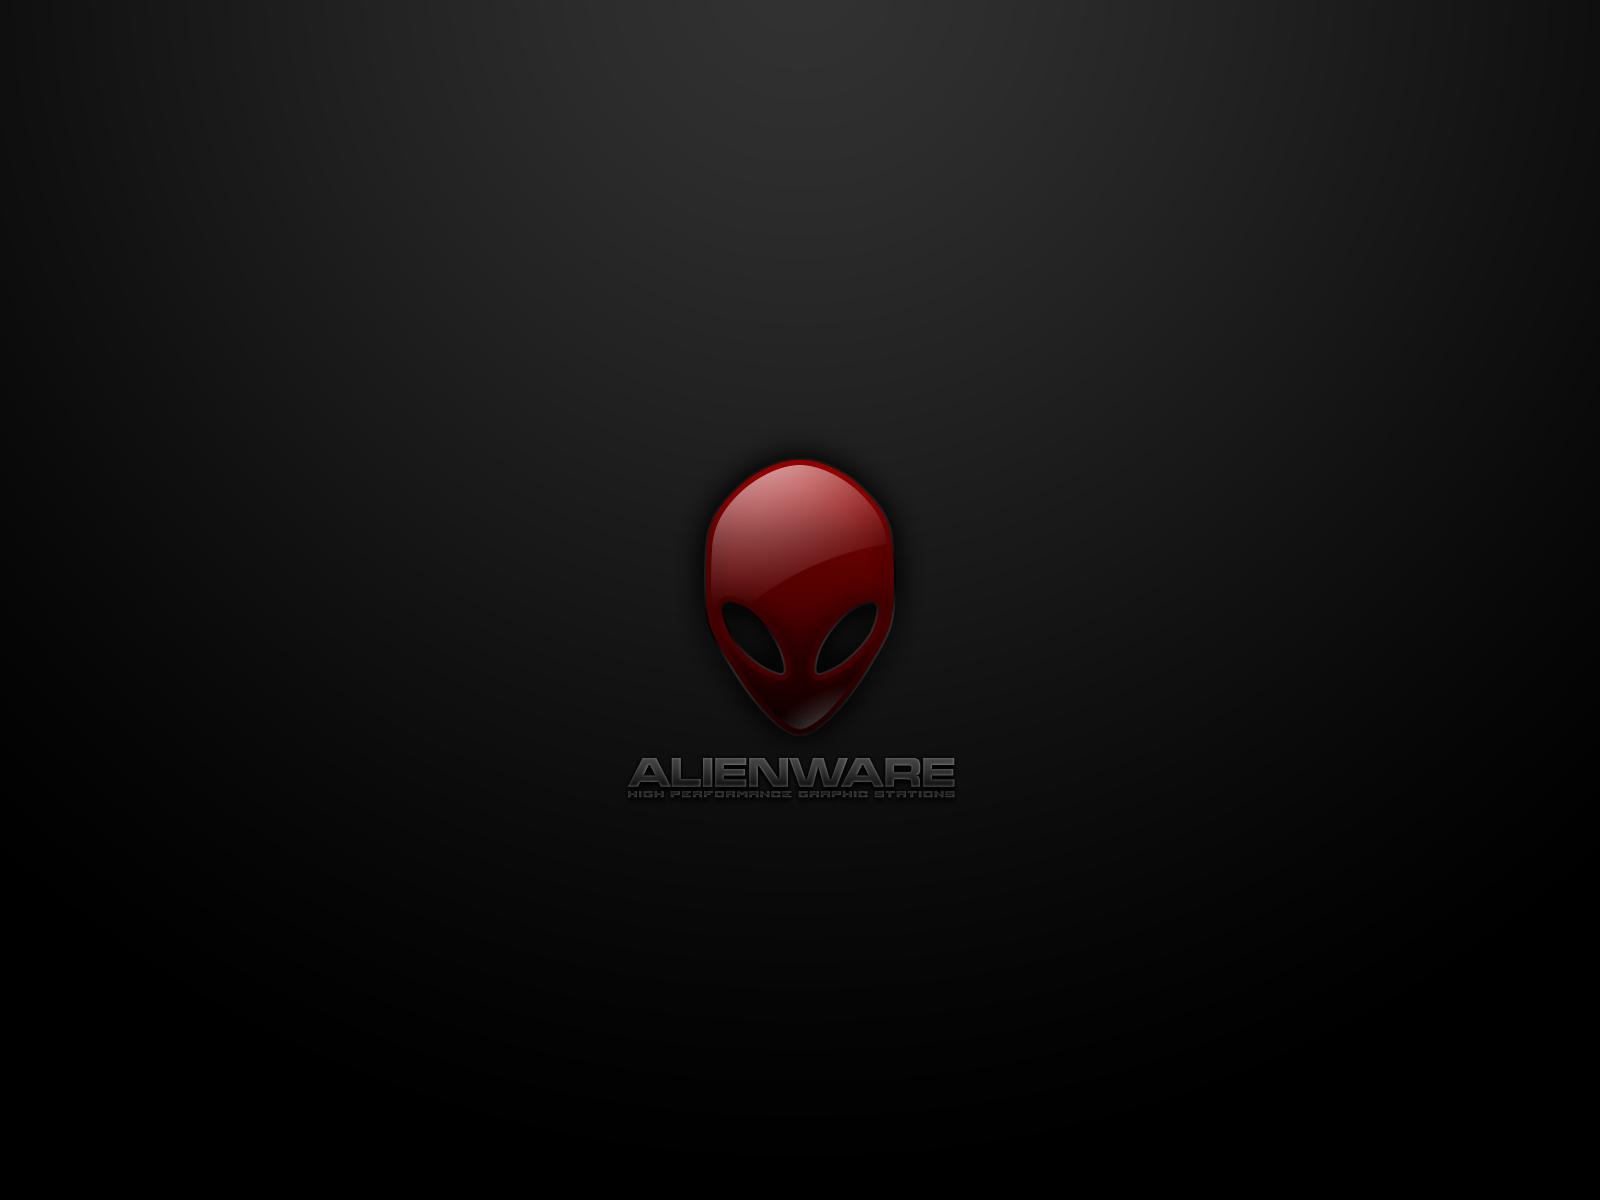 tag best alienware desktop wallpapers hq alienware pc games alienware 1600x1200